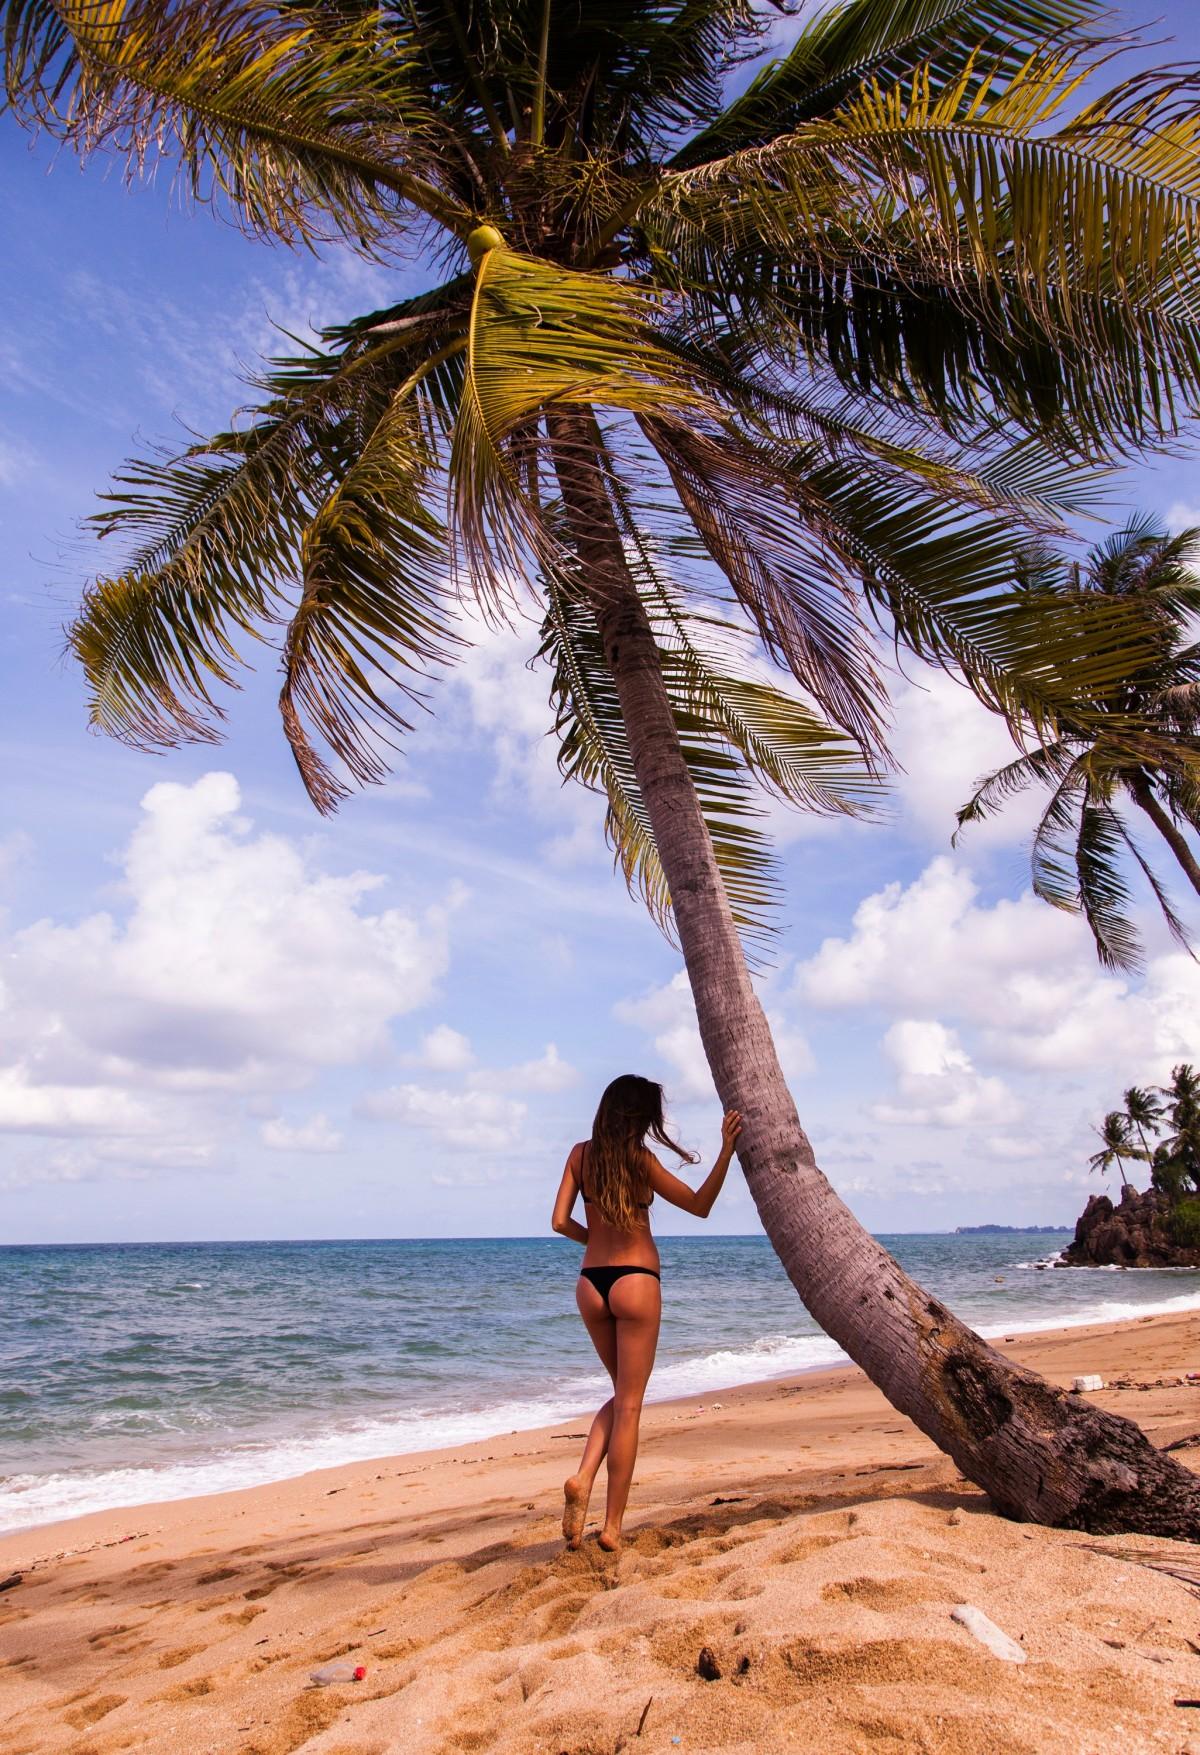 Cây dừa biển và người đẹp áo tắm